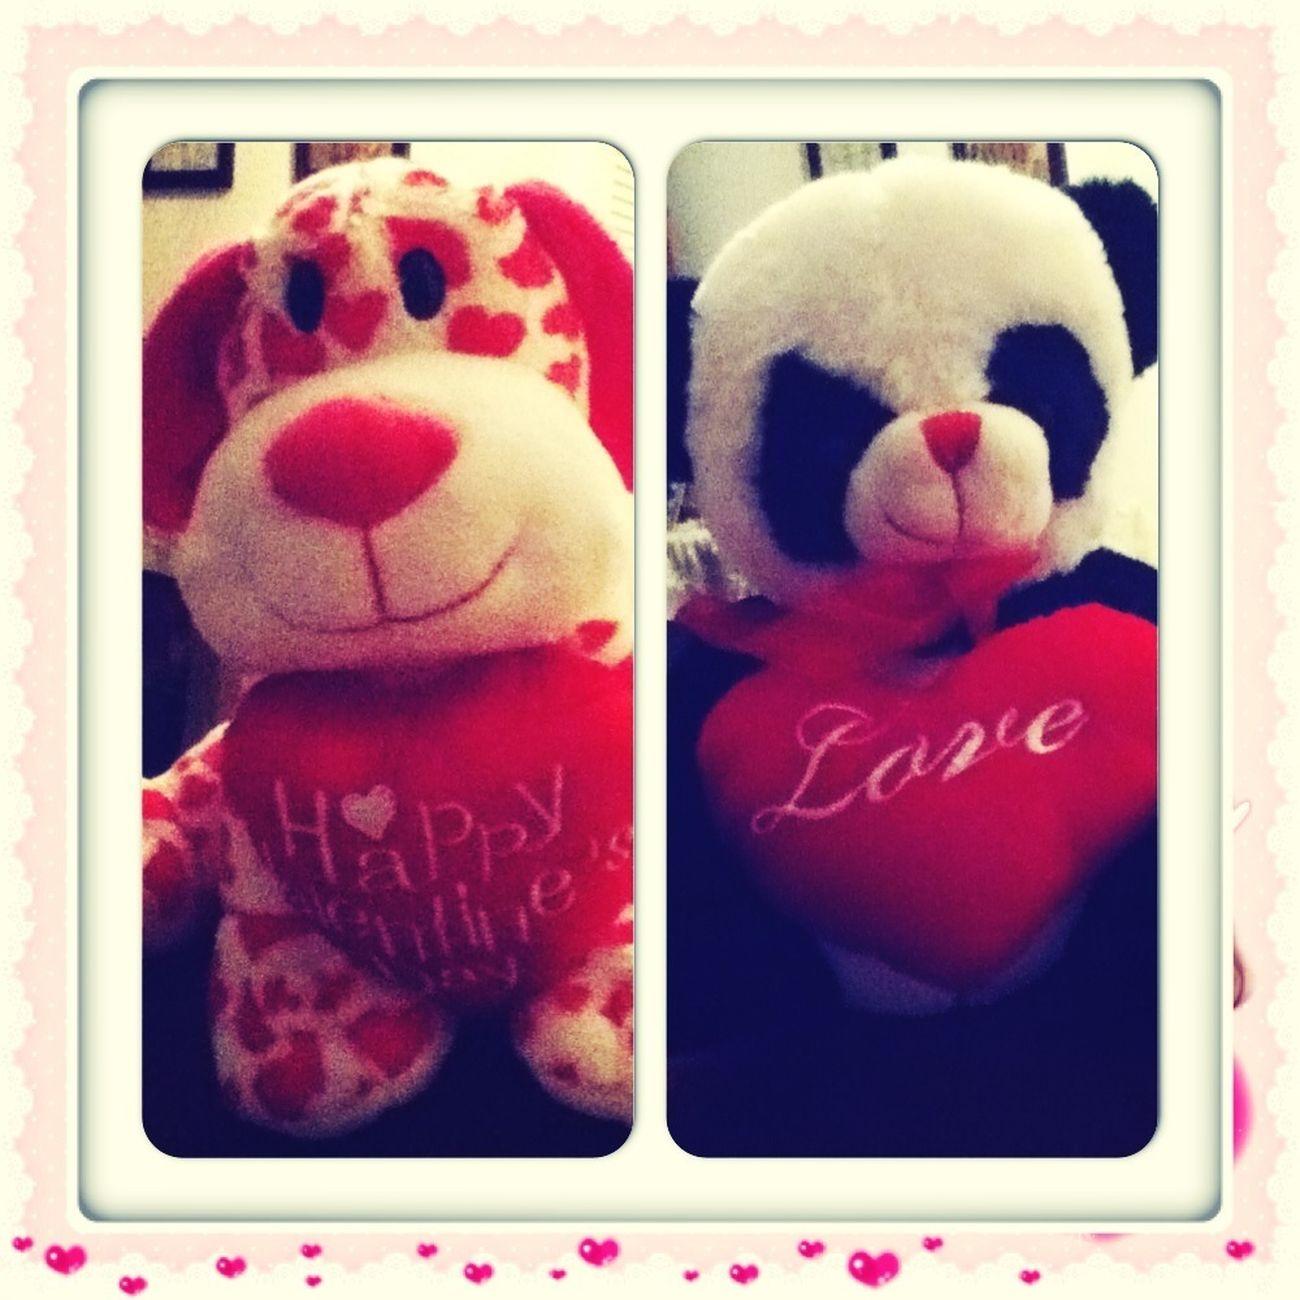 My Valentine Gifts :)